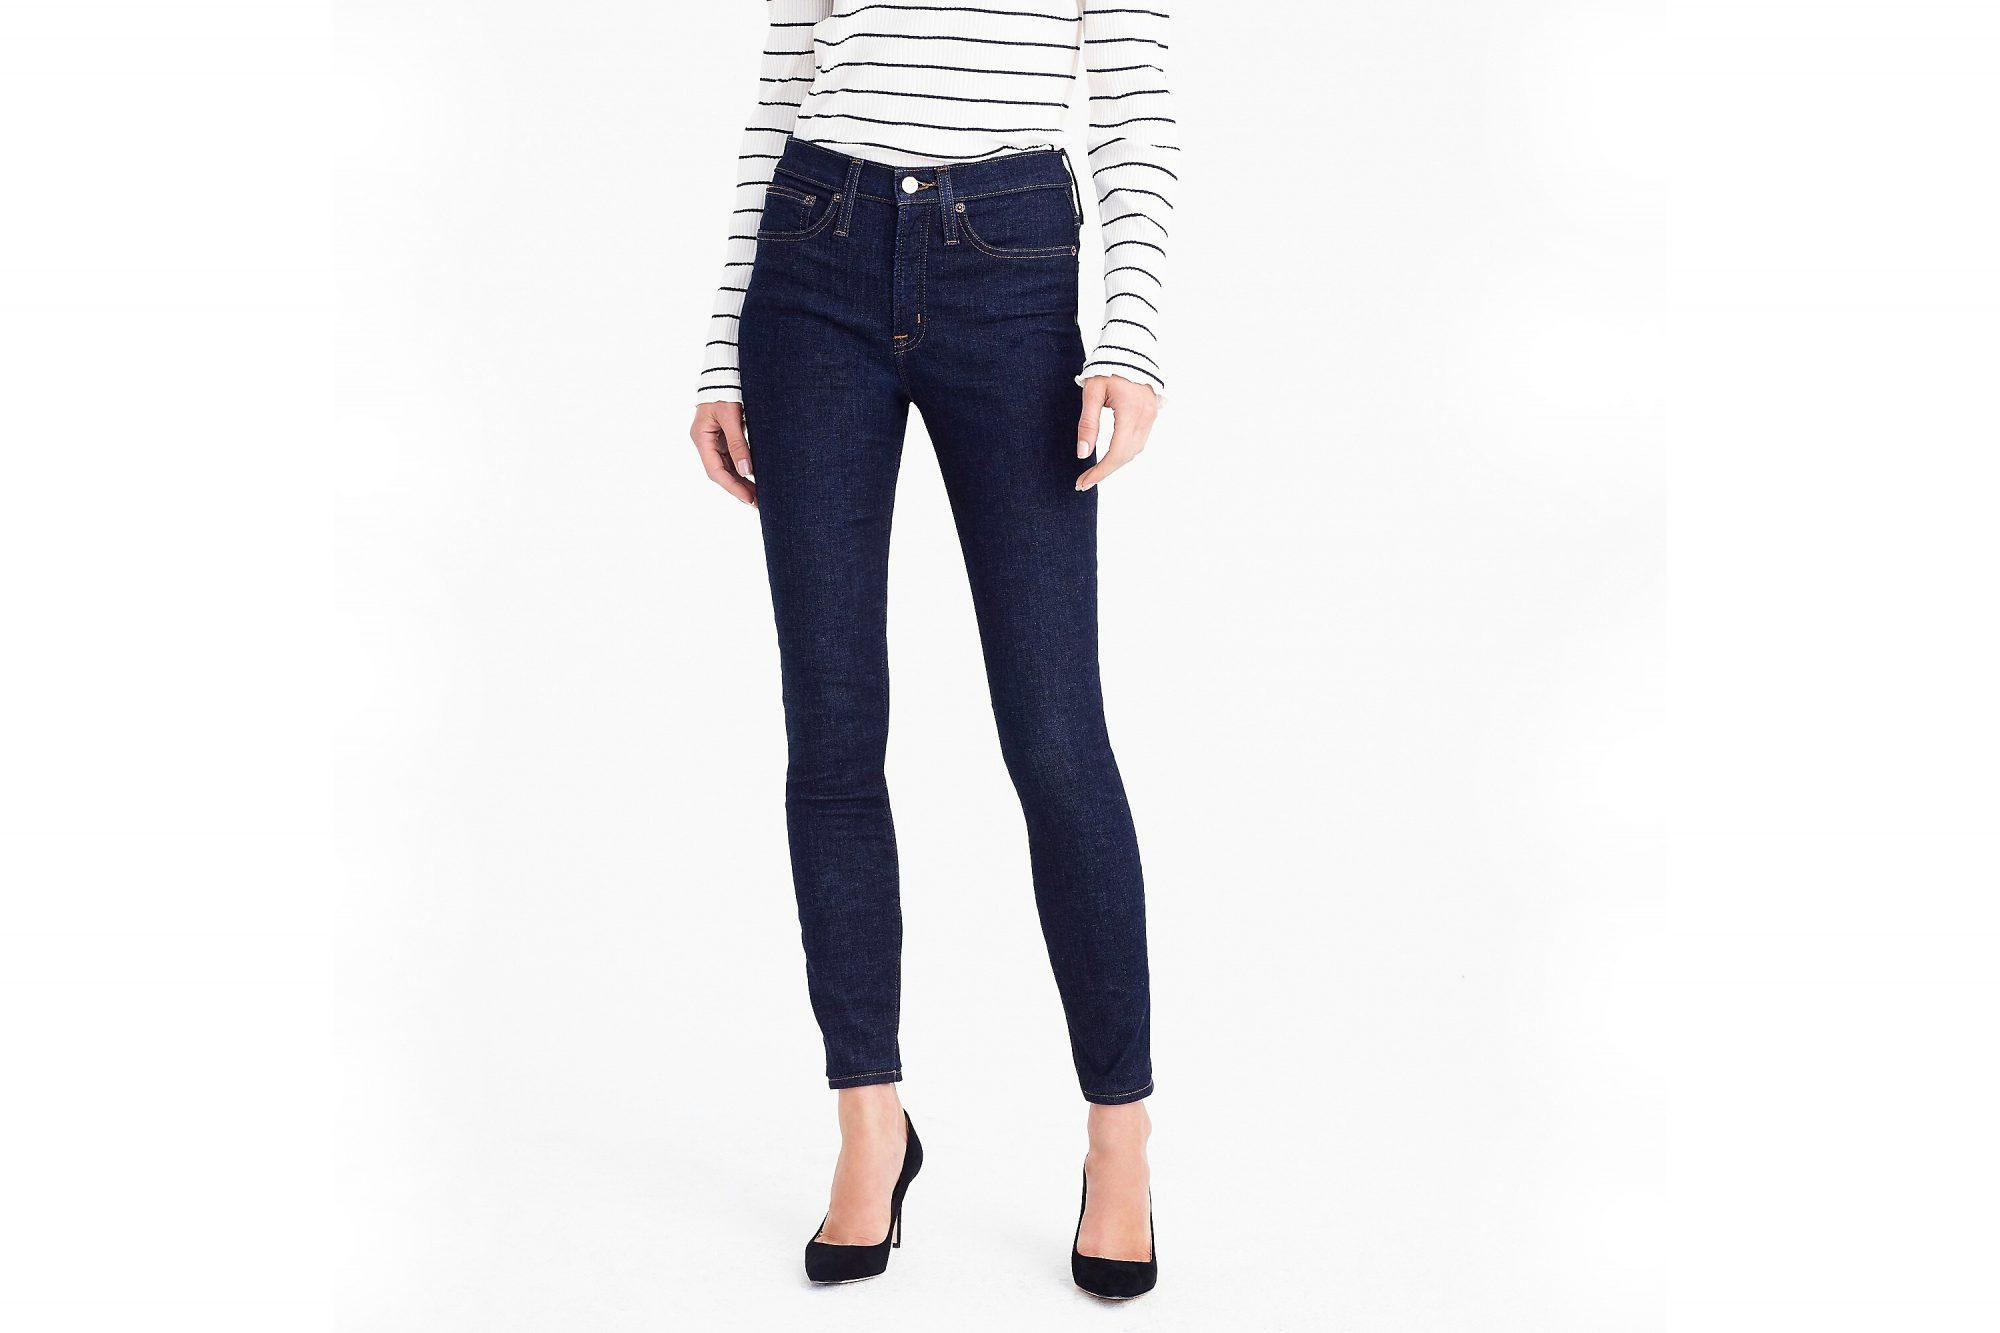 jeans-jcrew